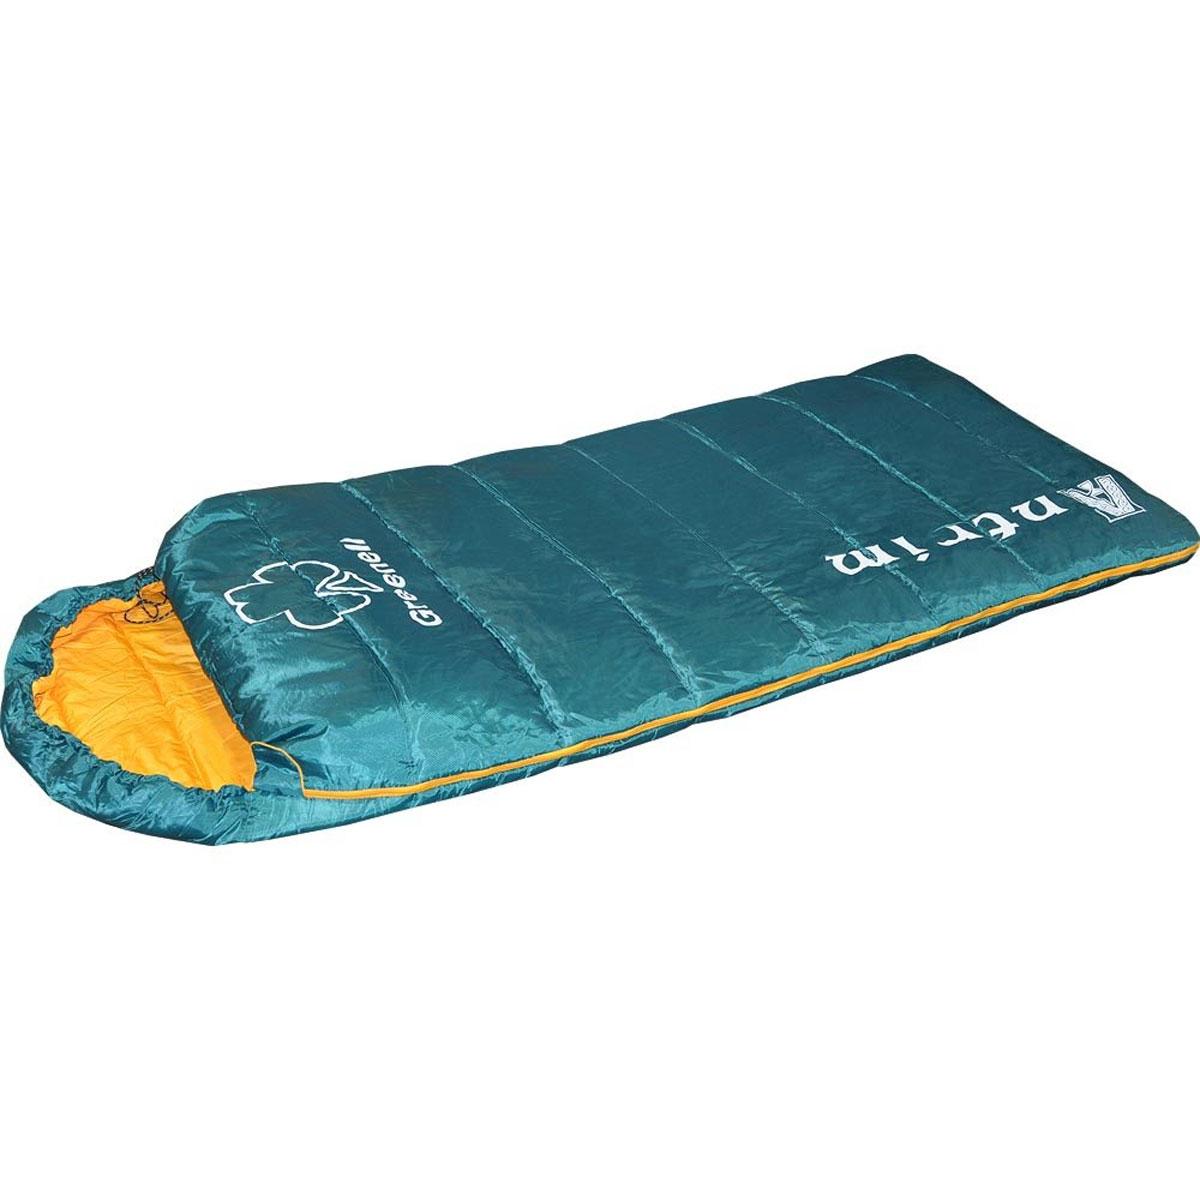 Спальный мешок Greenell Антрим, правосторонняя молния, цвет: зеленый34013-303-00Летний спальник Greenell Антрим изготовлен в форм-факторе мешок-одеяло с подголовником. Антрим имеет большой внутренний объем и ориентирован на использование людьми, крупной комплекции, а для капризных путешественников, любящих особый комфорт это единственный и необходимый вариант для полноценного ночлега! Легкий спальник Greenell Антрим имеет удобный кармашек внутри для личных вещей, очков, контактных линз и другой ночной атрибутики. В свернутом виде спальник помещается в компрессионный мешок и занимает минимум места в рюкзаке или багажном отделении автомобиля. Ткань верха спального мешка обработана влагостойкой пропиткой. Гиппоалергенный материал утеплителя холлофайбер не сминается, быстро сохнет и обладает отличными теплосберегающими свойствами. Особое расположение швов предотвращает миграцию утеплителя внутри спального мешка. При необходимости двухзамковая молния позволяет состегнуть два однотипных спальника, образуя просторную спарку для отдыха всей семьей....